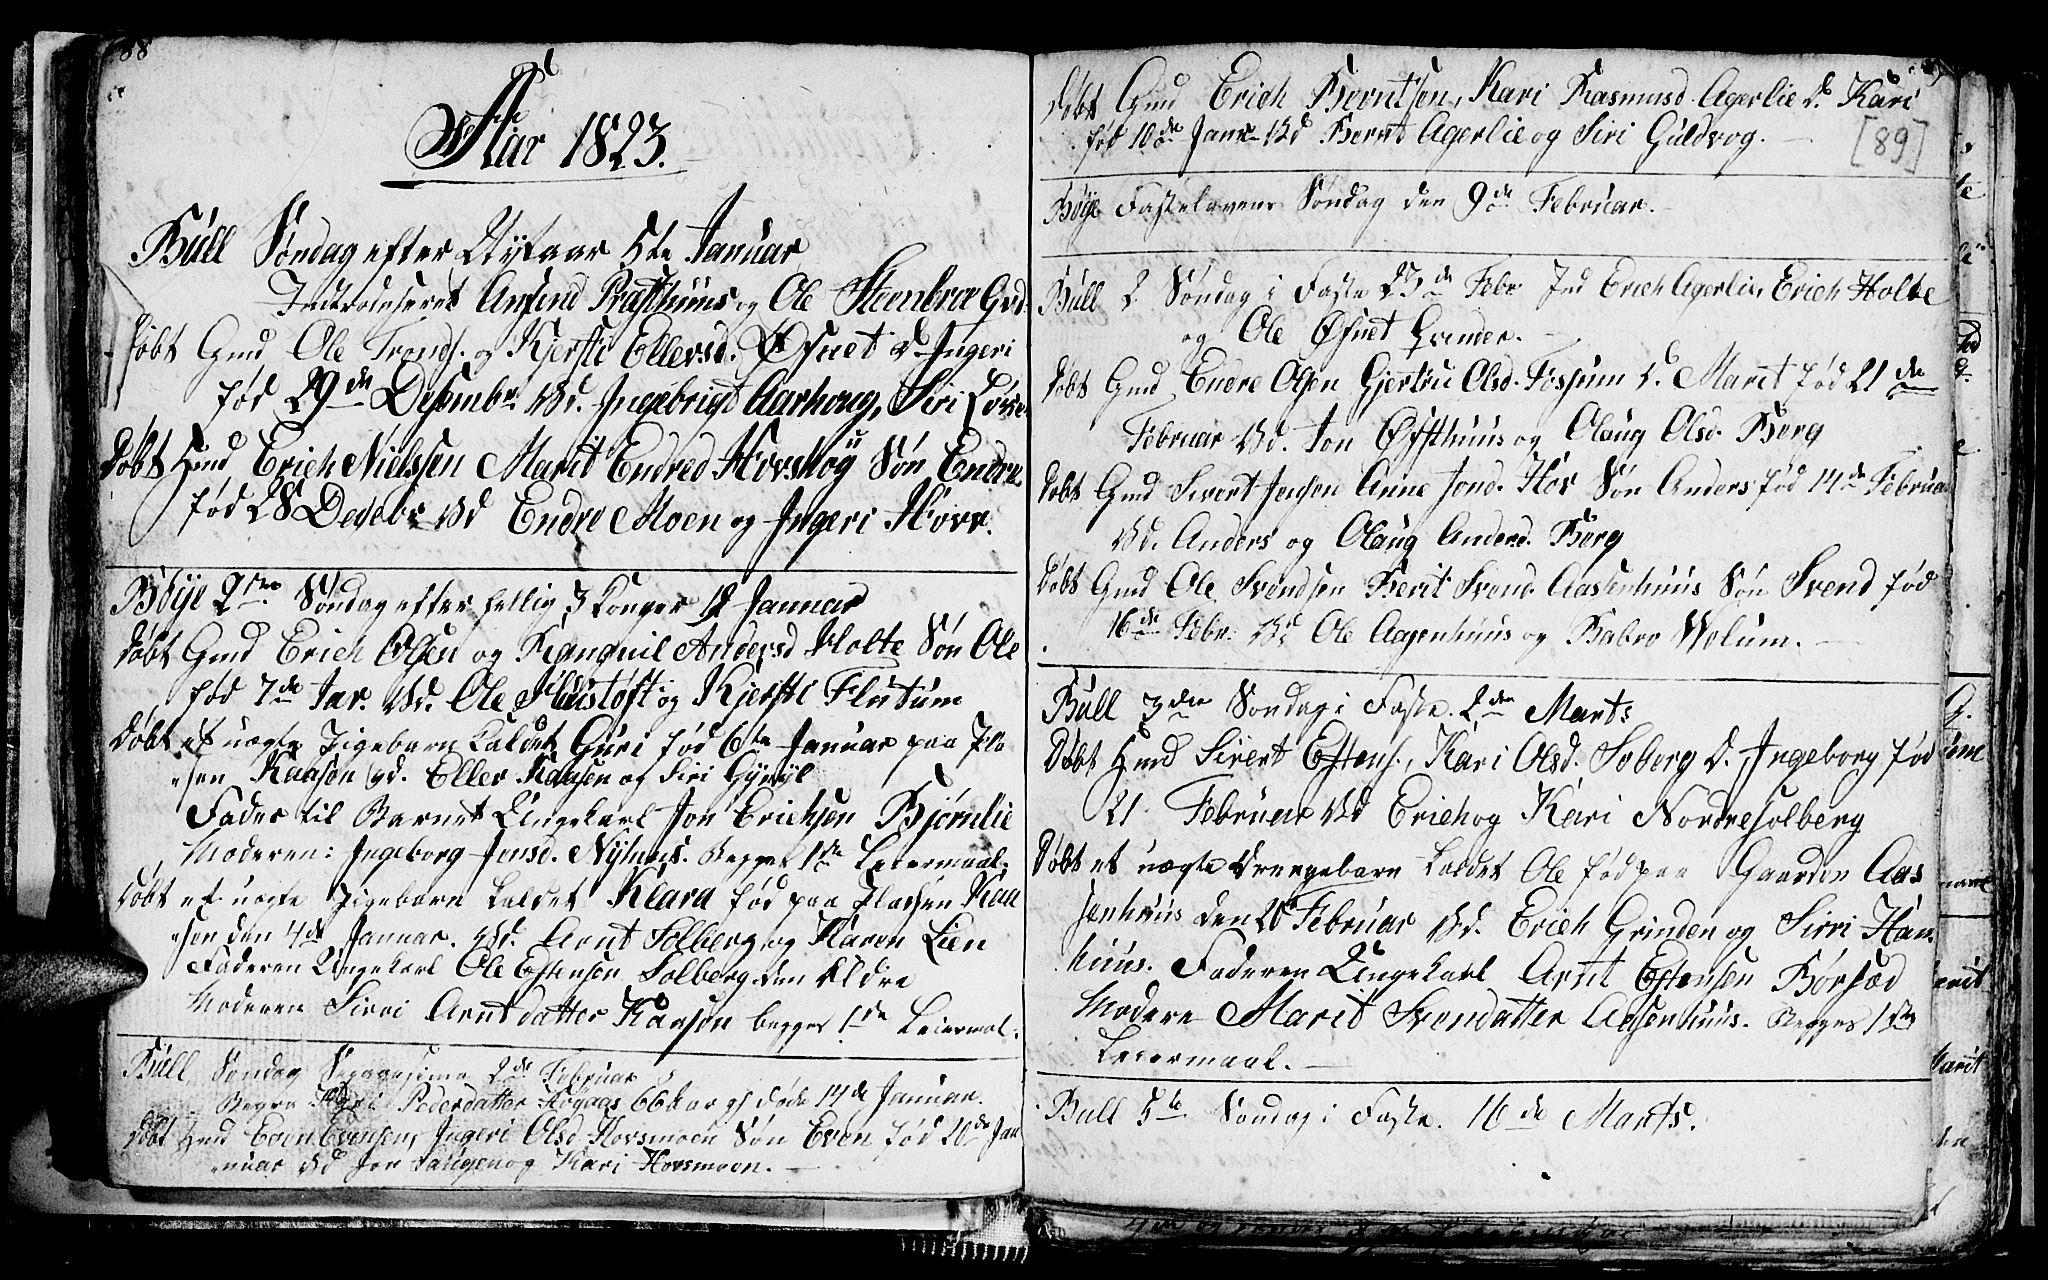 SAT, Ministerialprotokoller, klokkerbøker og fødselsregistre - Sør-Trøndelag, 689/L1042: Klokkerbok nr. 689C01, 1812-1841, s. 88-89